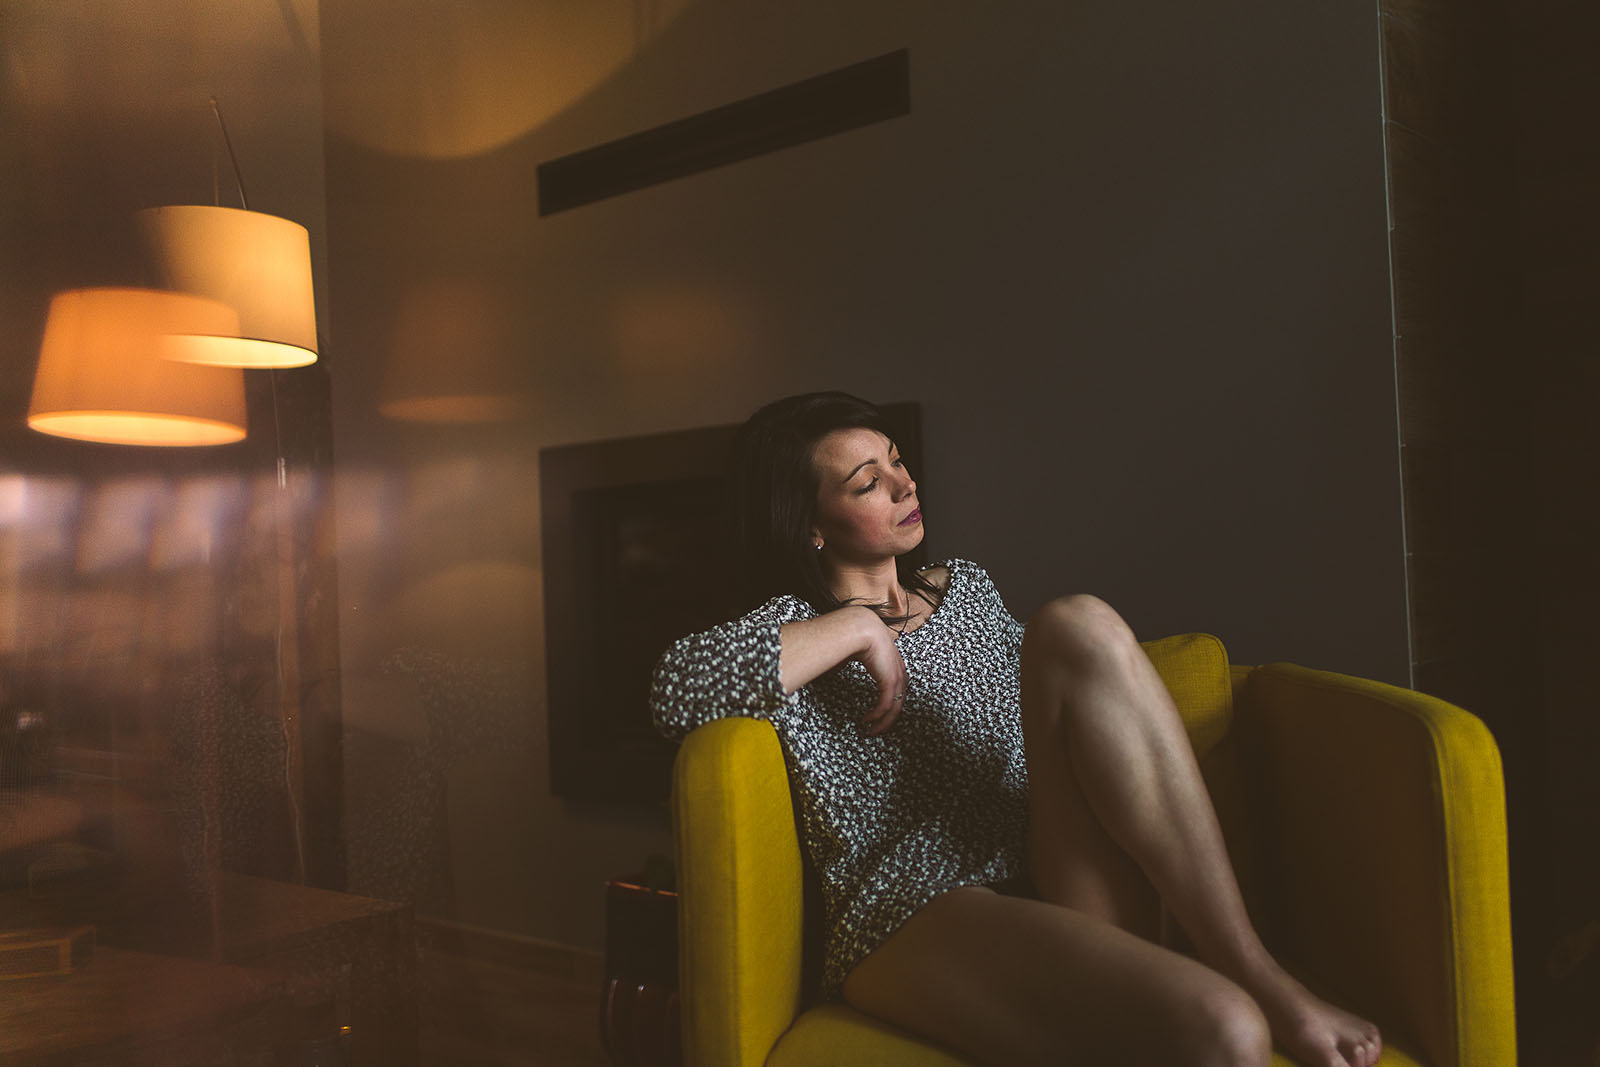 séance photo glamour et musique. Femme seule- Blueberry Corner photographe de photo glamour